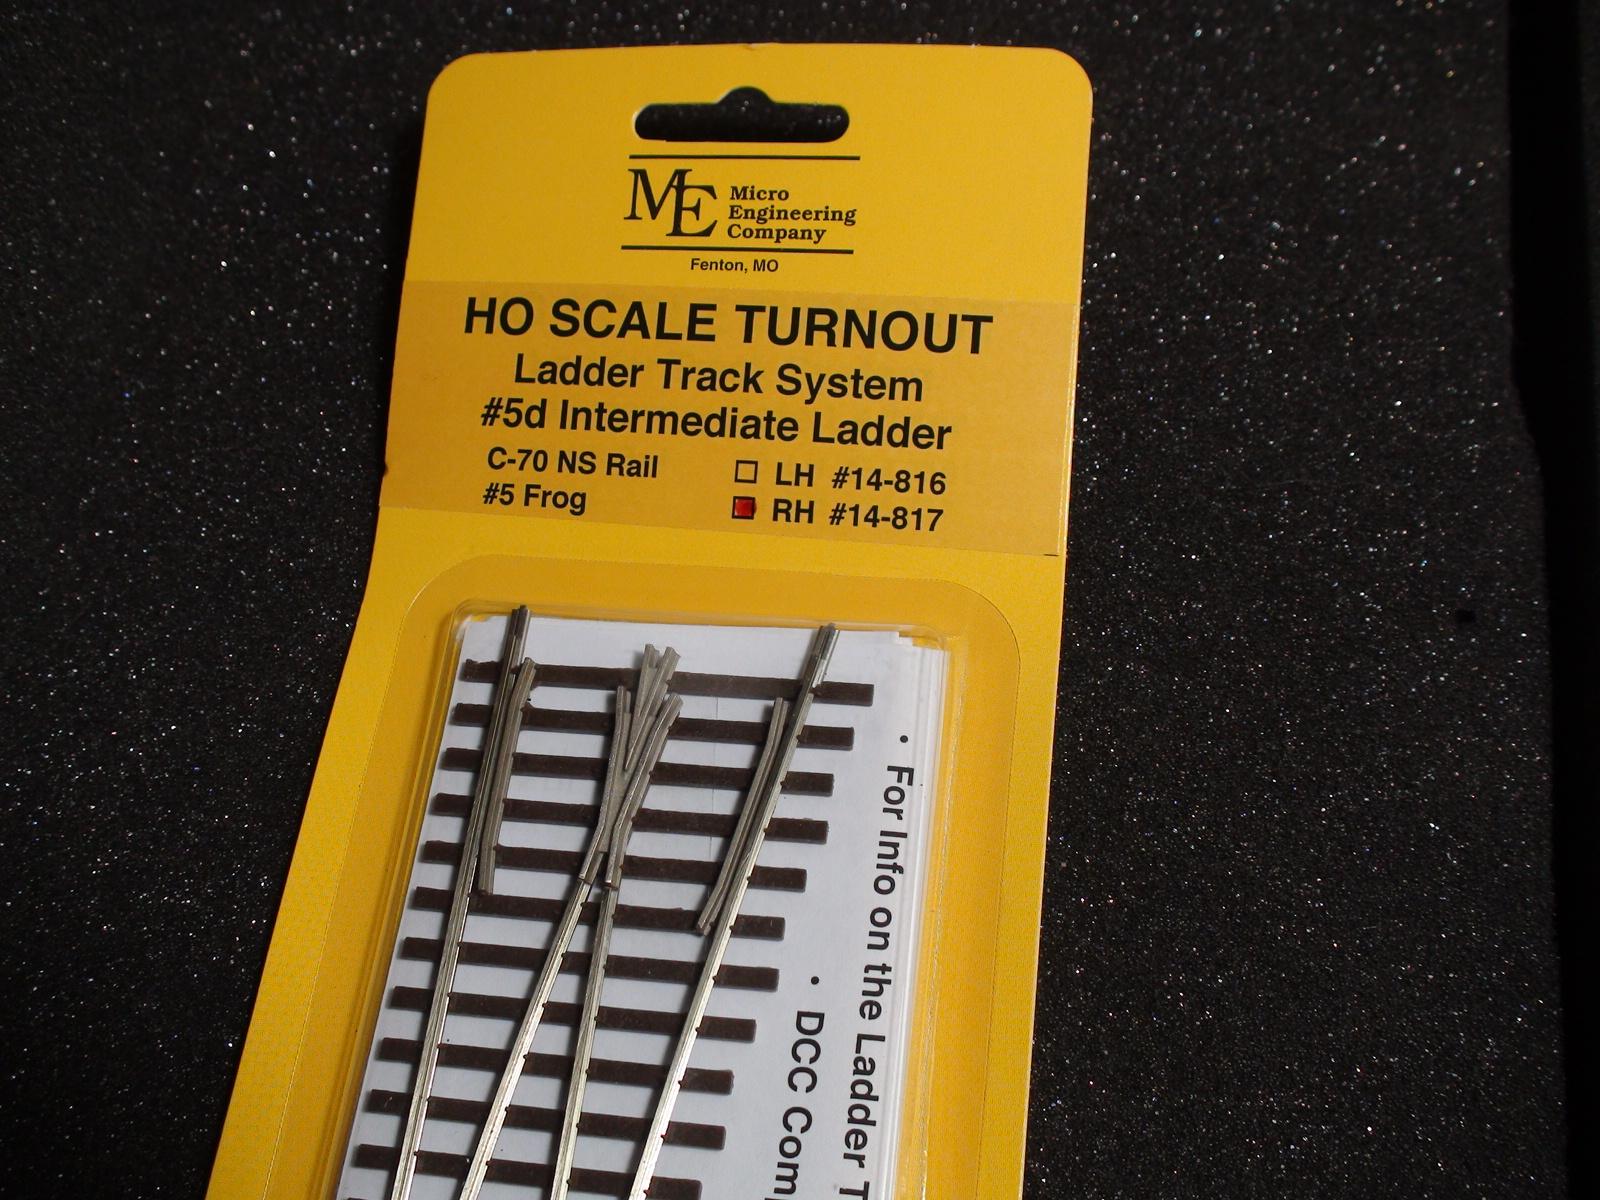 HO LADDER TRACK SYSTEM TURNOUT RH 5d